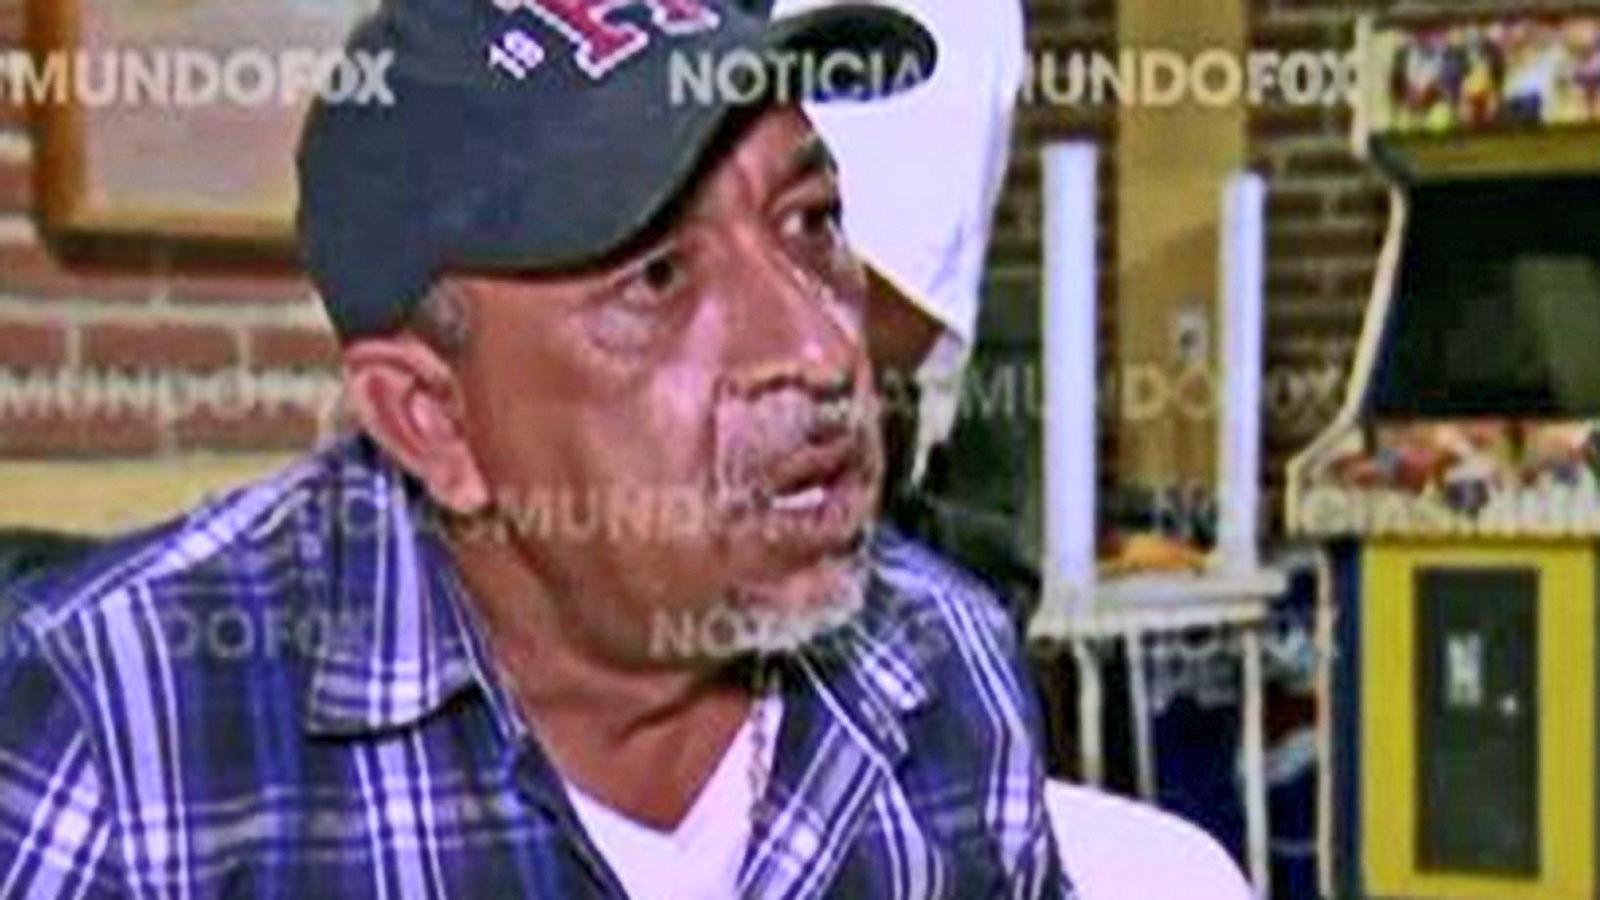 Mexico arrests fugitive leader of Knights Templar drug cartel